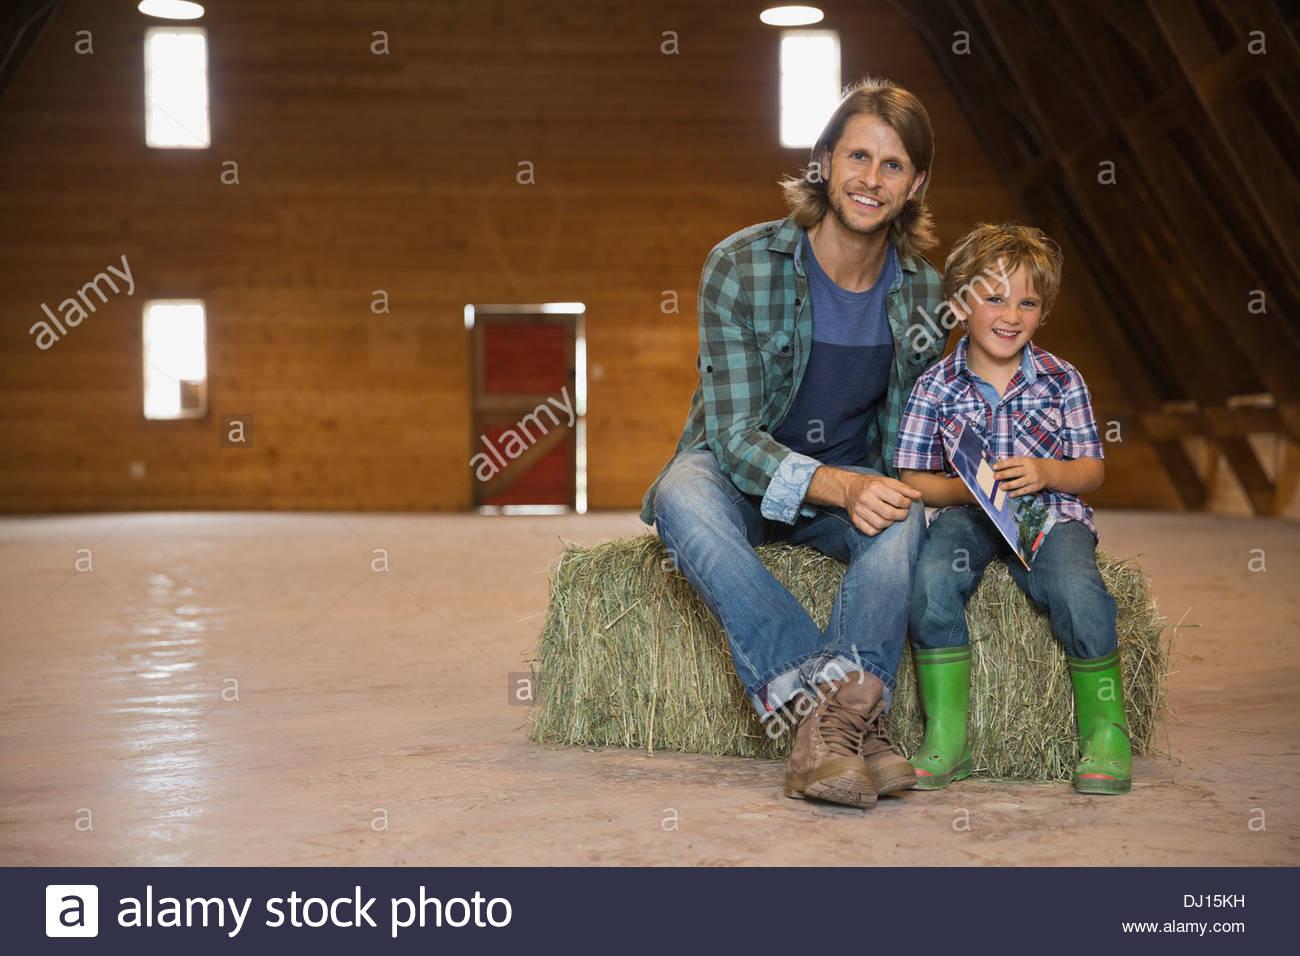 Longitud total retrato de padre e hijo sentados en fardos de heno en el granero Imagen De Stock